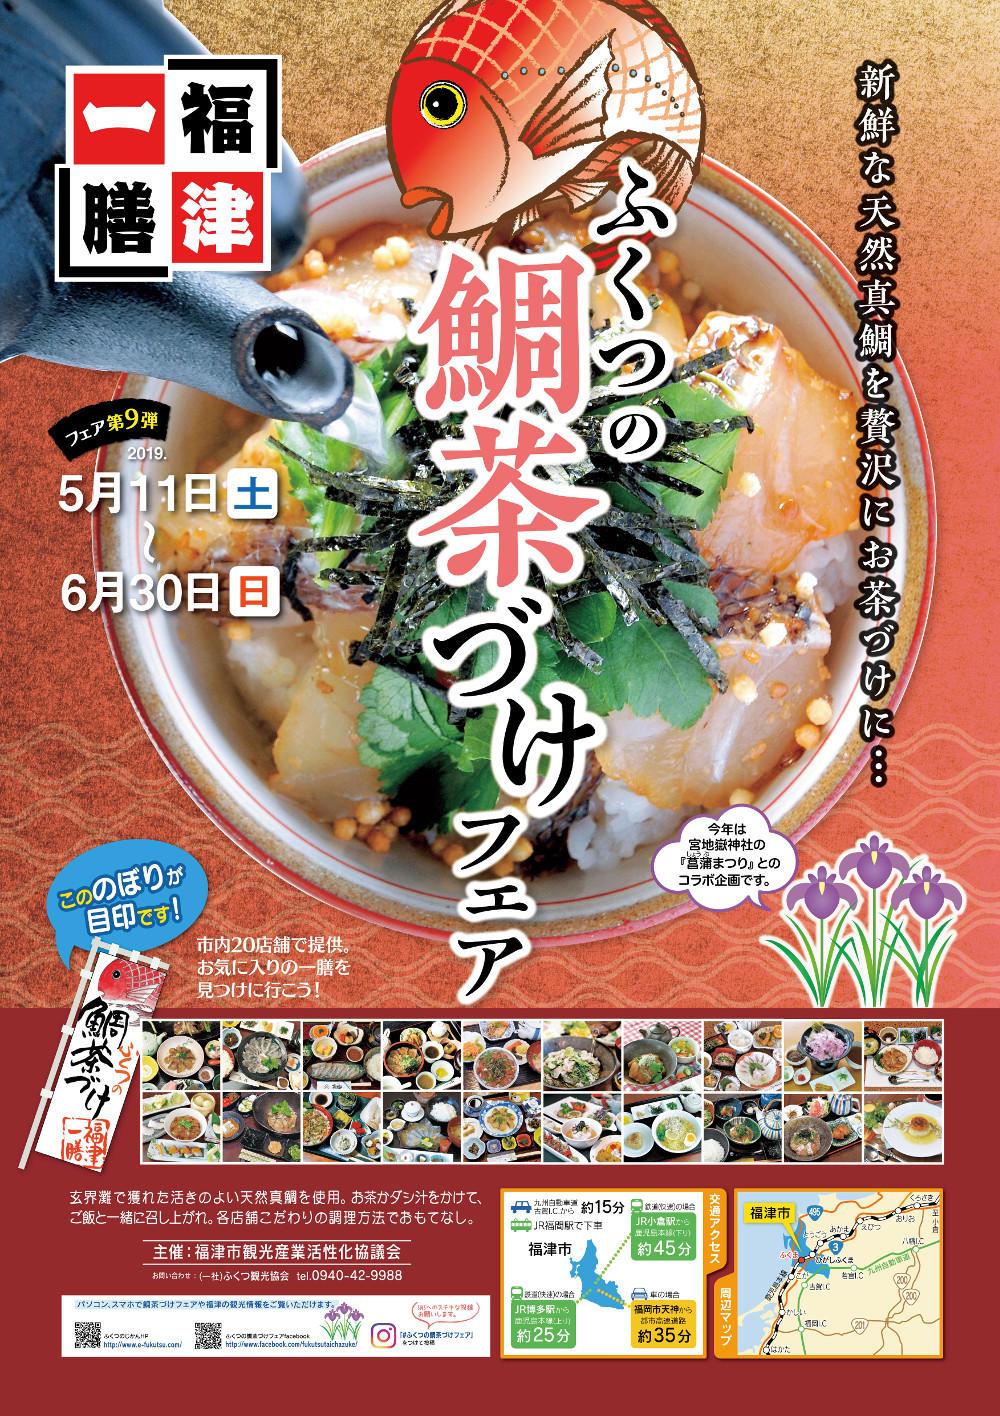 ふくつの鯛茶づけフェアに関する画像